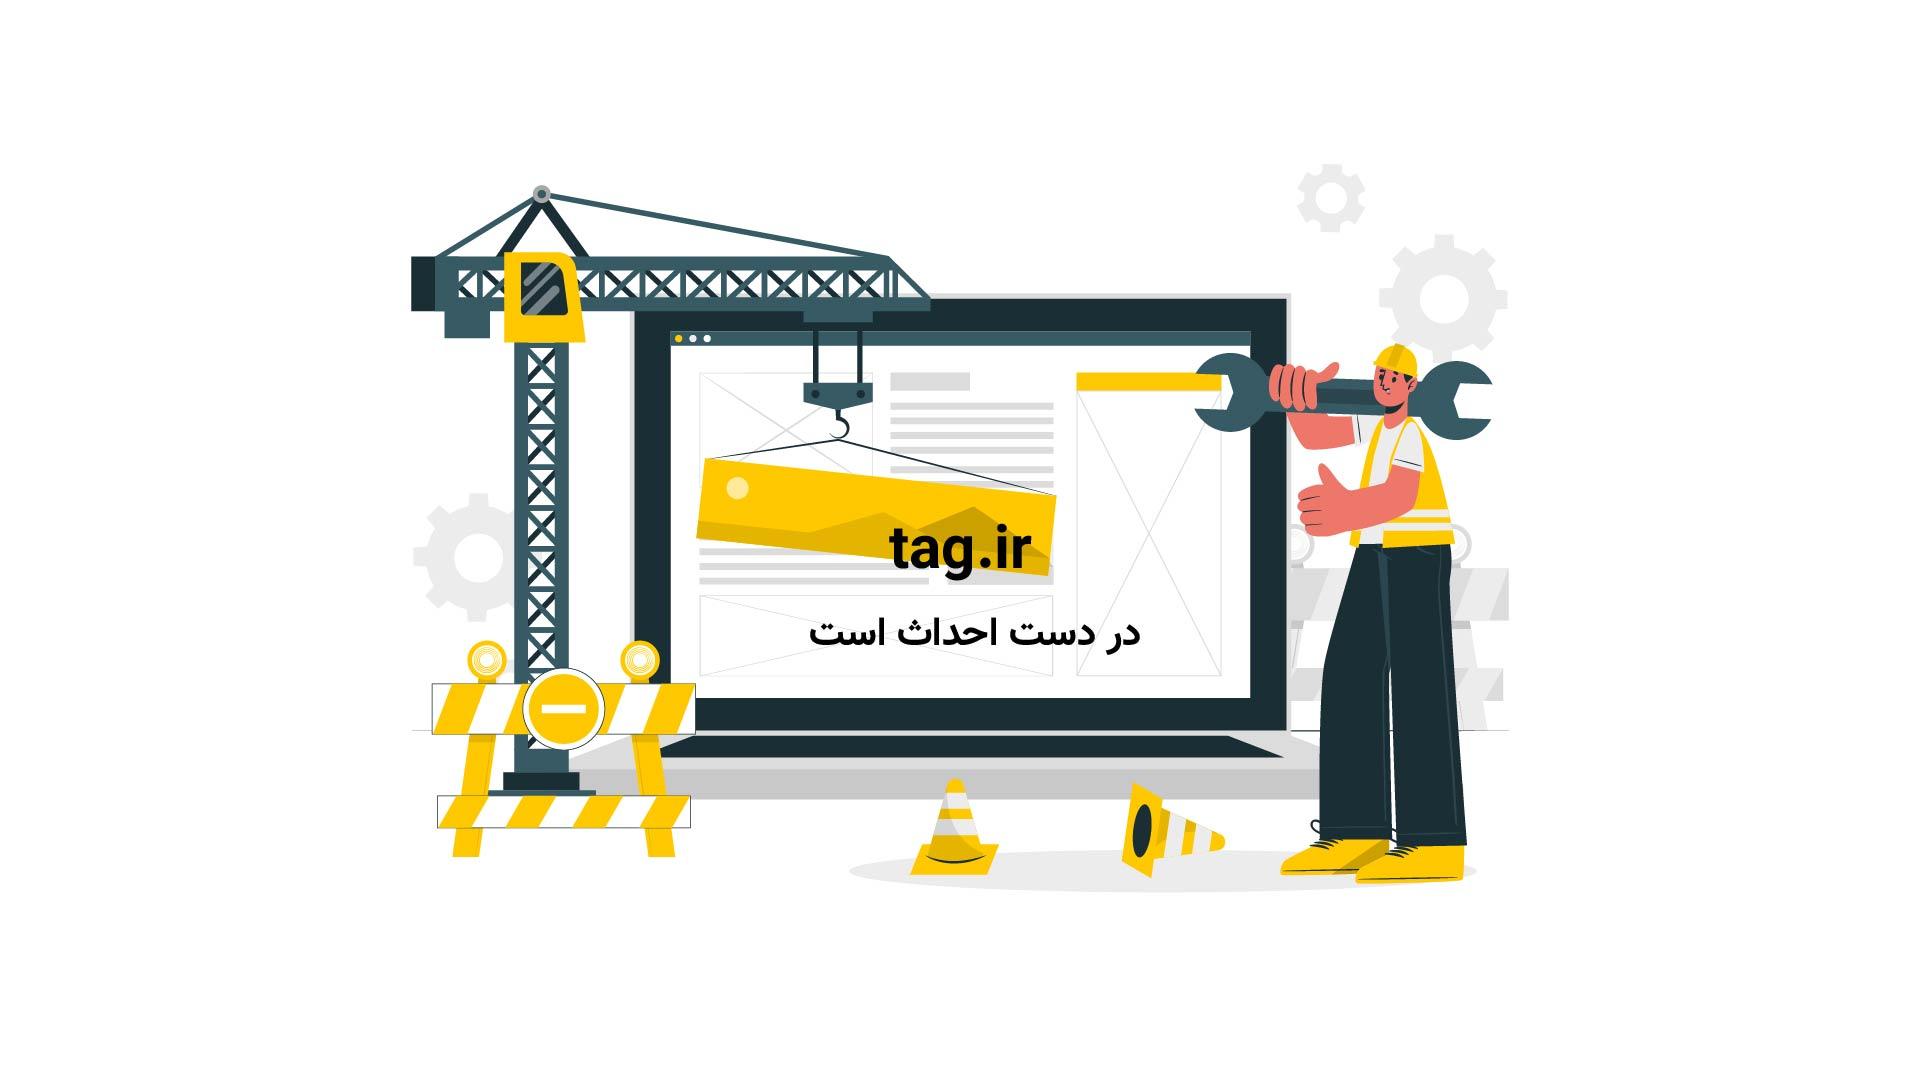 حمله خرس به انسان | تگ